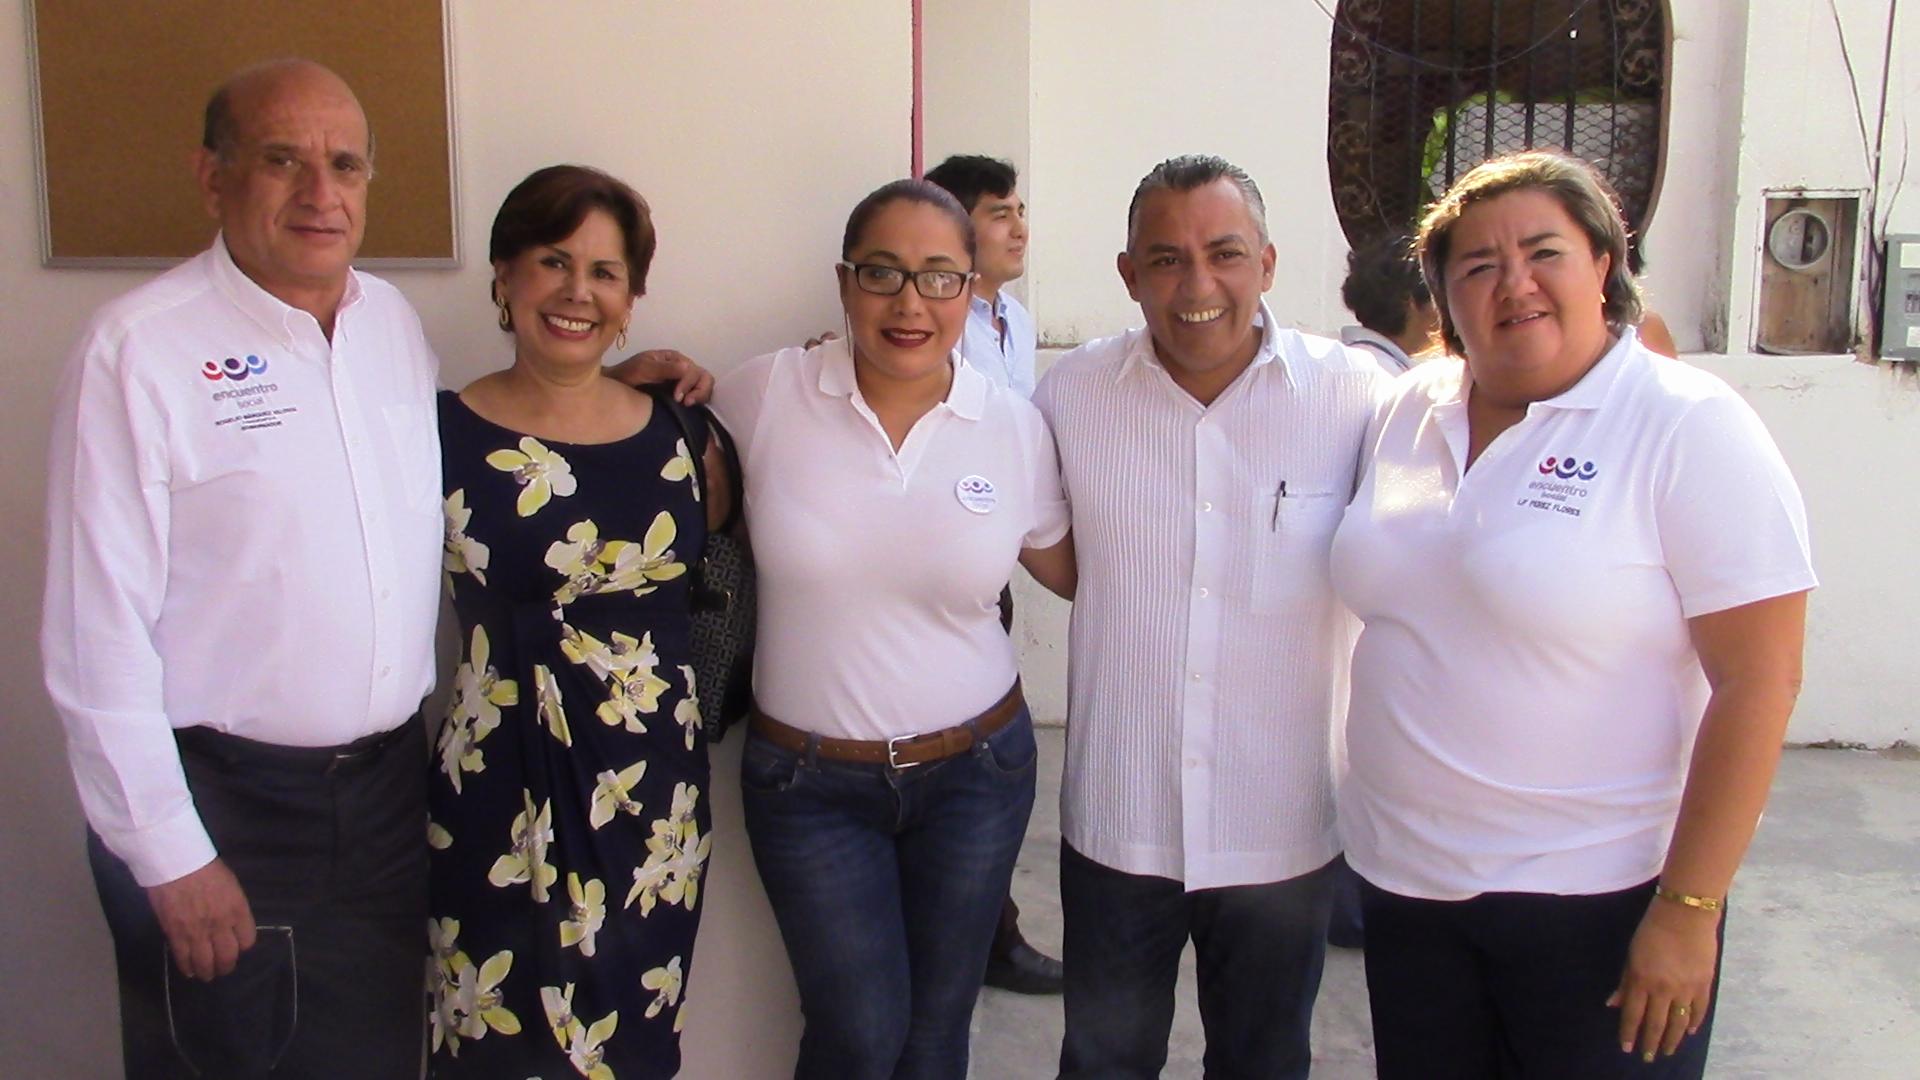 EL PES, TRAMPOLÍN PARA EL 'BIENESTAR' FAMILIAR: Registran a hija de Mario Villanueva y a esposa de Greg Sánchez como candidatas a diputaciones locales